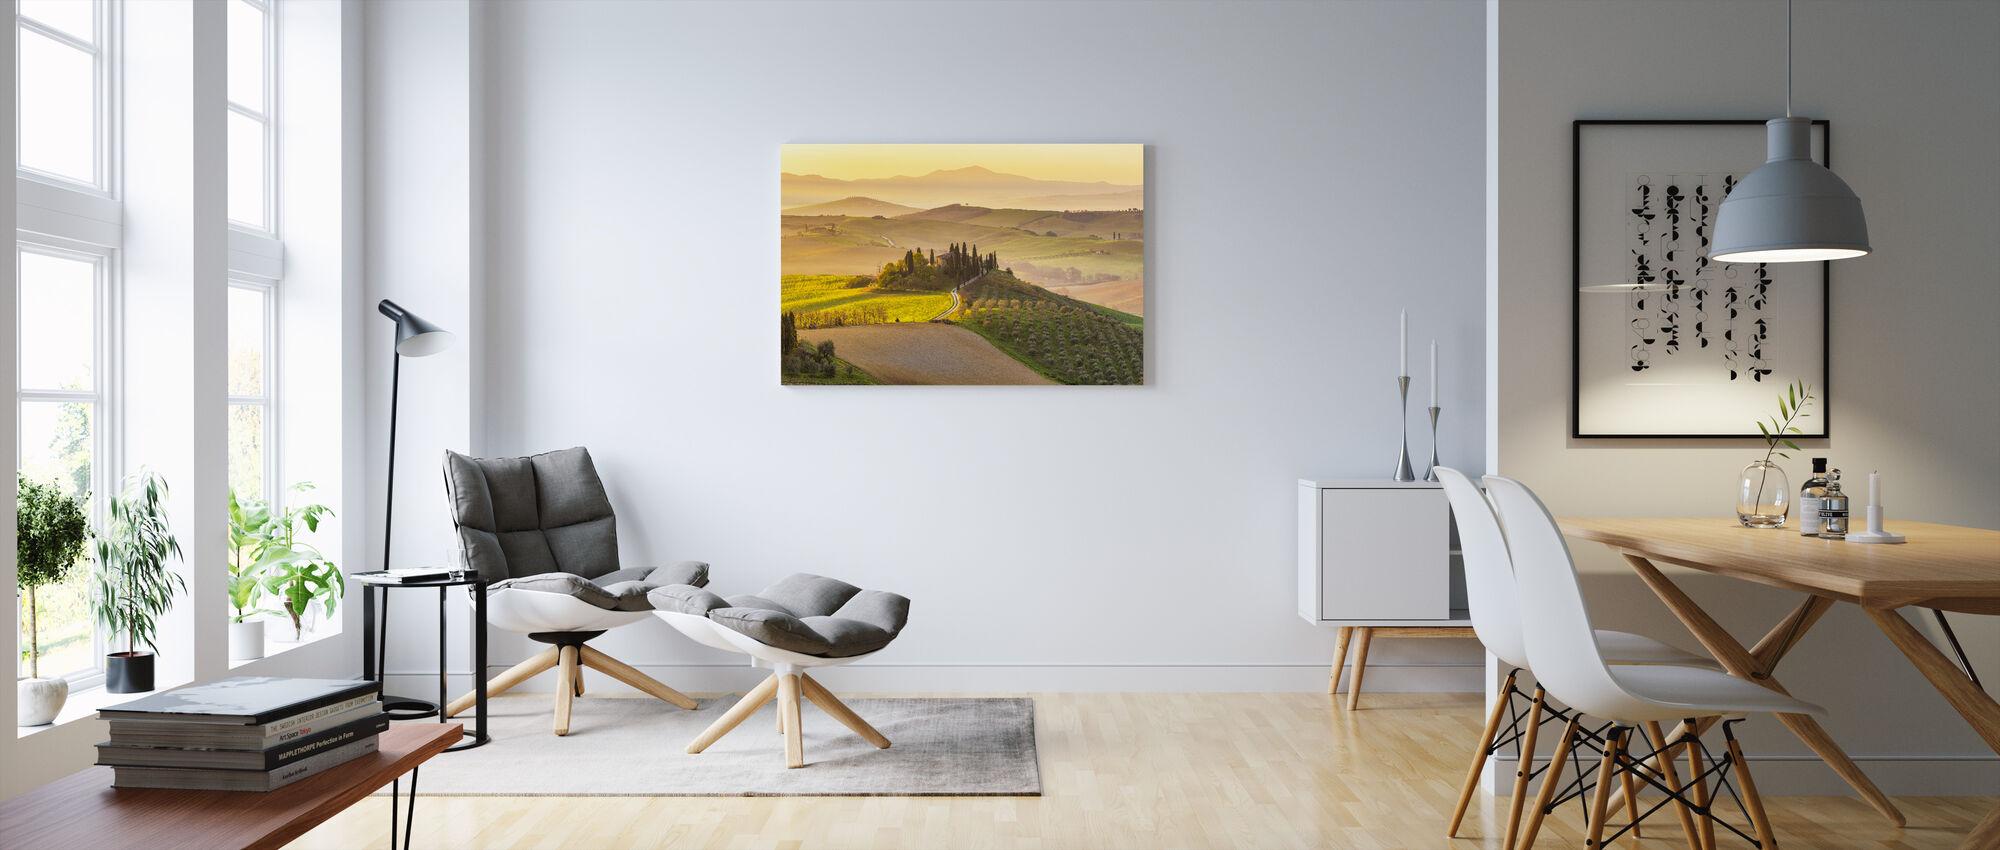 Toscane Wijngaard - Canvas print - Woonkamer